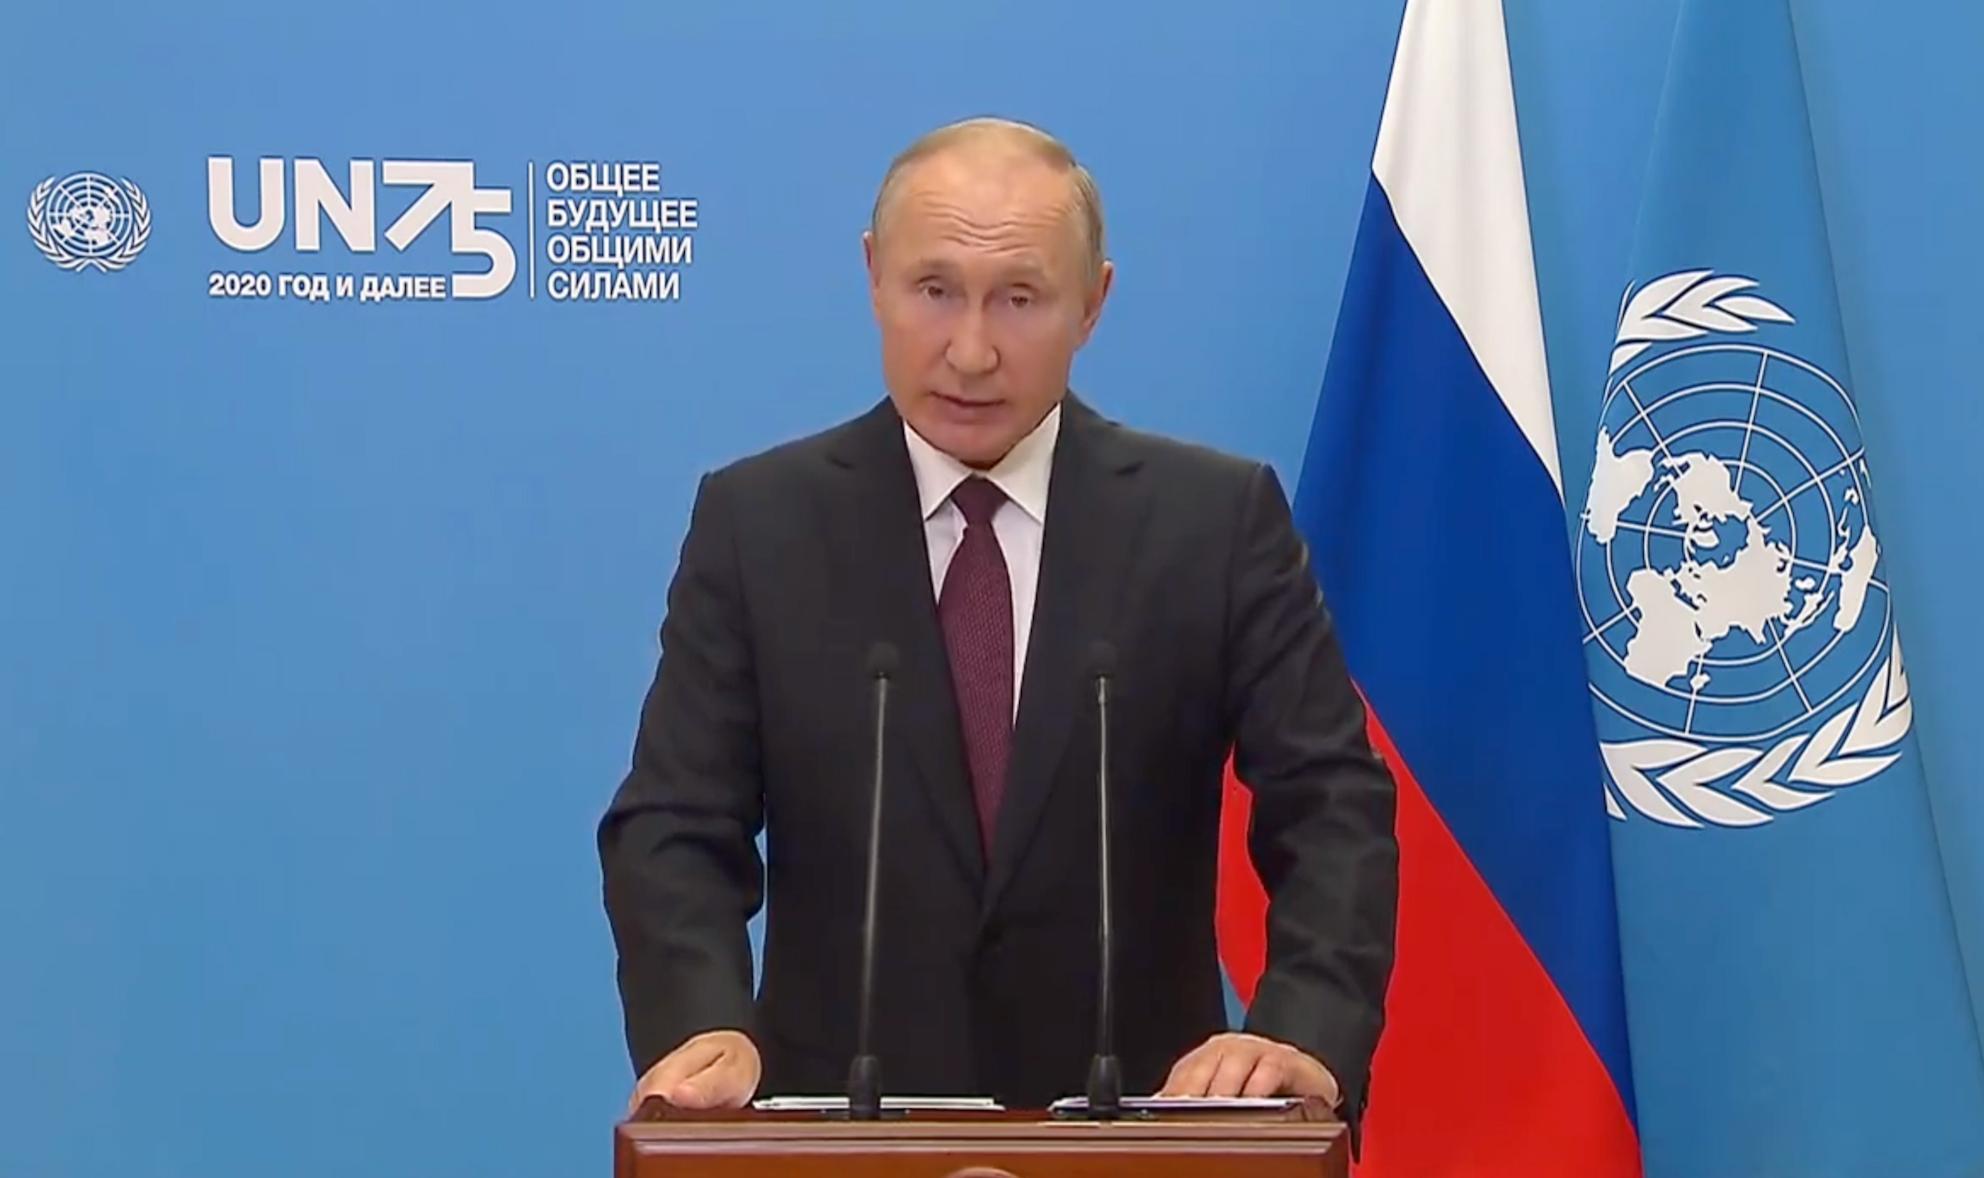 Путин выступает на Генассамблее ООН —  прямая трансляция